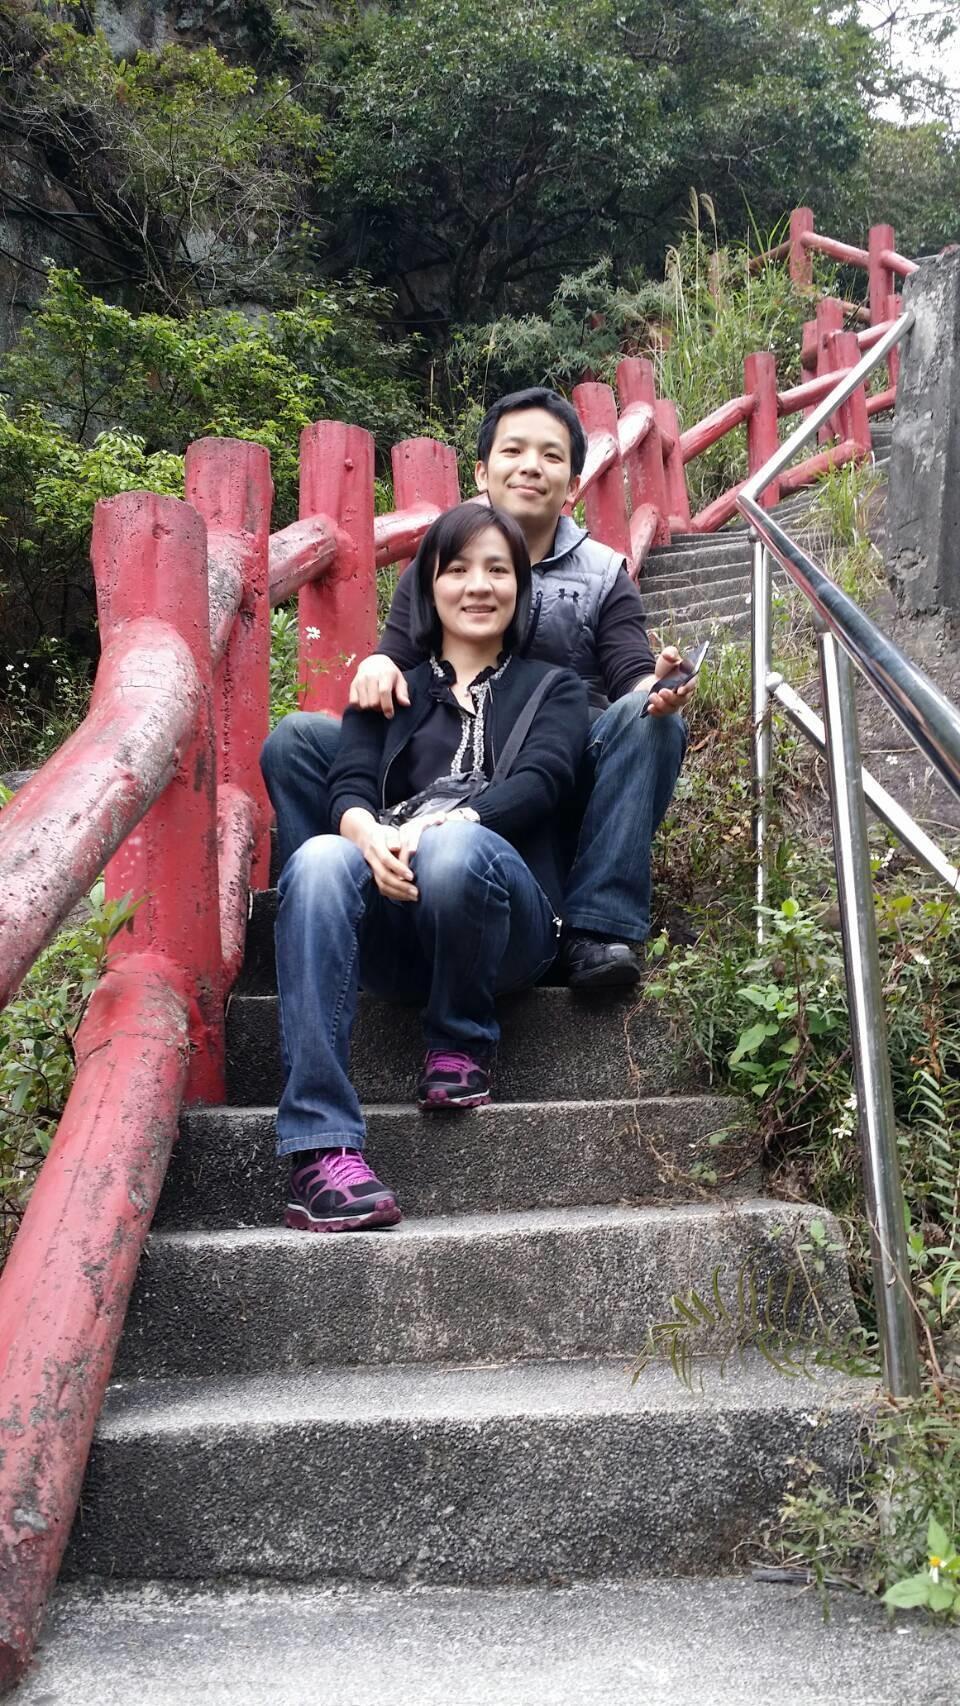 賴威光(後)與蔡怡婷(前)都熱愛運動,爬山兼約會。(賴威光提供)